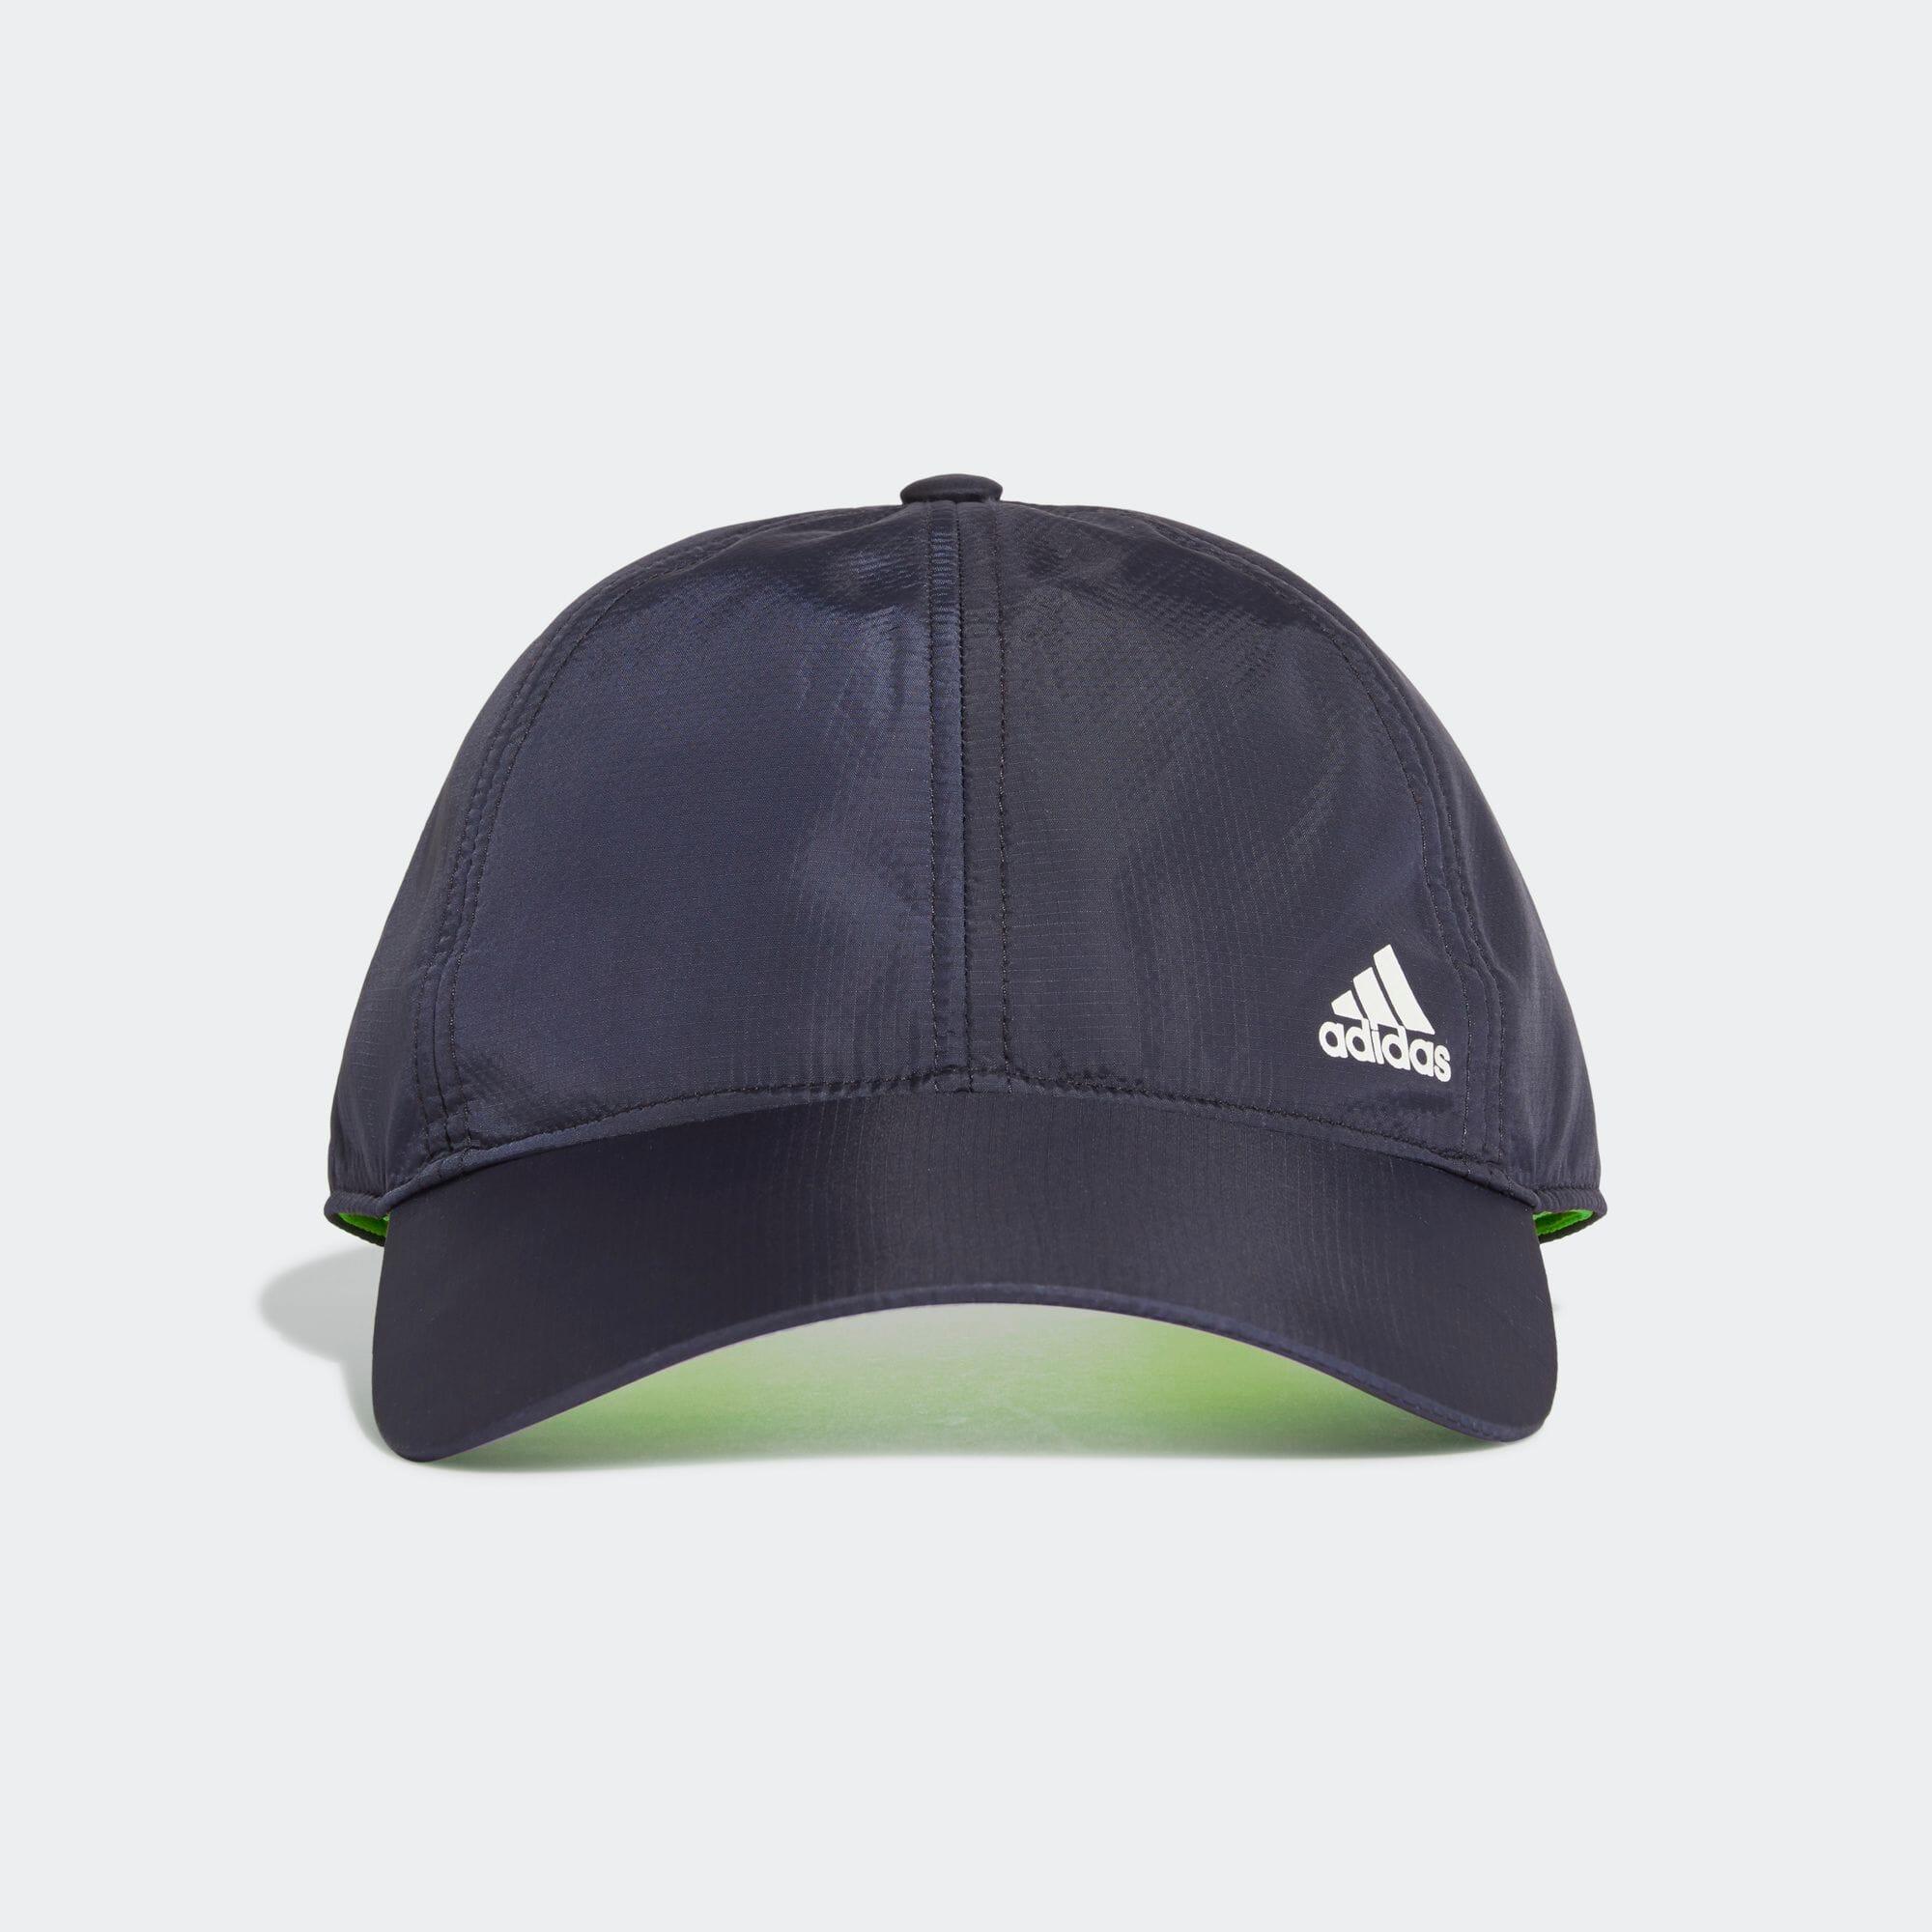 WIND.RDY ベースボール キャップ / WIND.RDY Baseball Cap